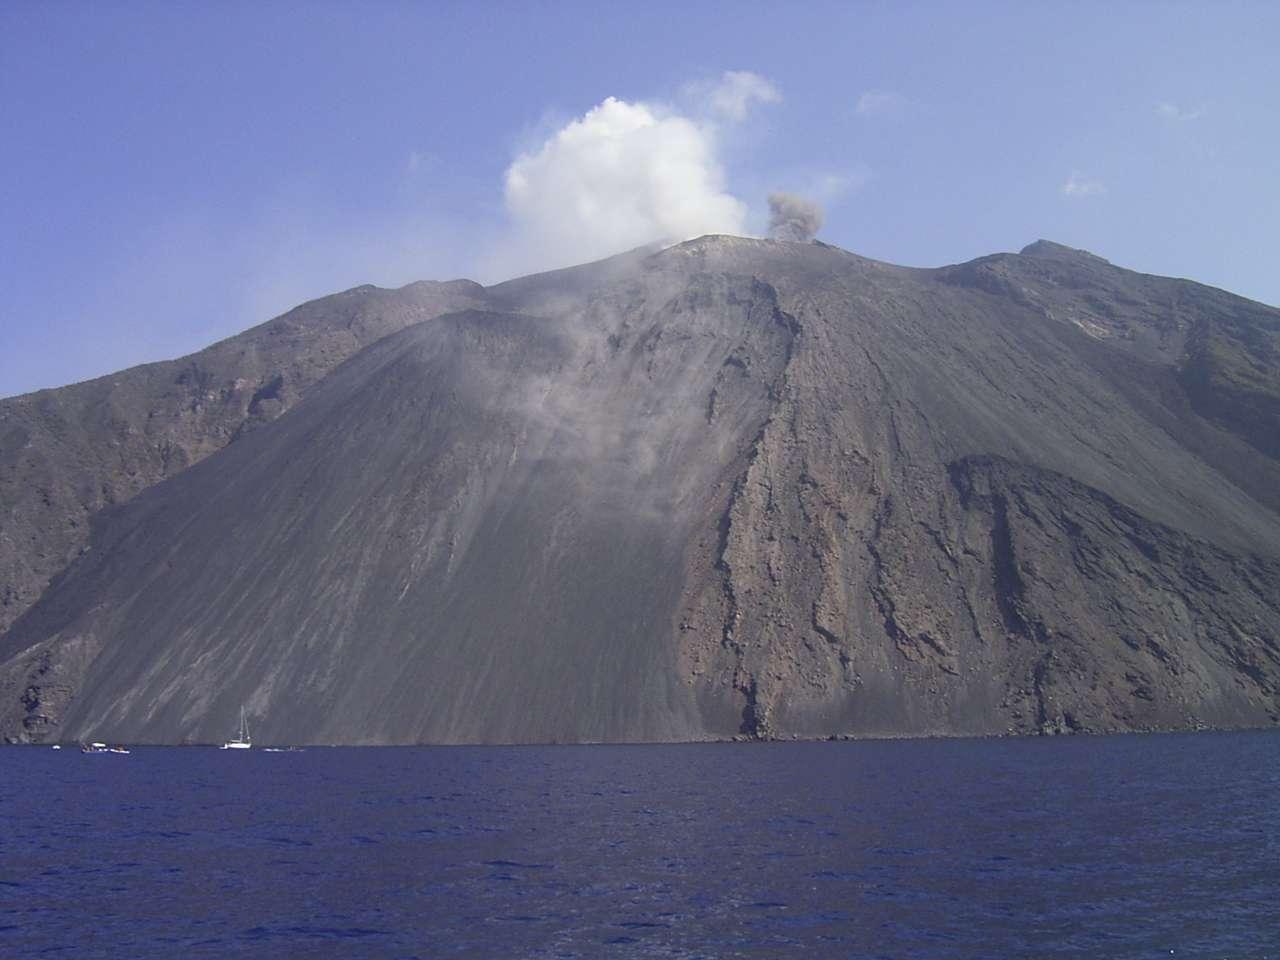 Lorsque des coulées de lave sont émises sur le Stromboli, elles dévalent généralement son flanc nord-est dans une zone appelée la Sciara del Fuoco (allée du feu), que l'on voit sur cette photo. Lors des explosions, des bombes volcaniques tombent sur cette Sciara et arrivent jusqu'à la mer. © Wikipédia, Denis Barthel